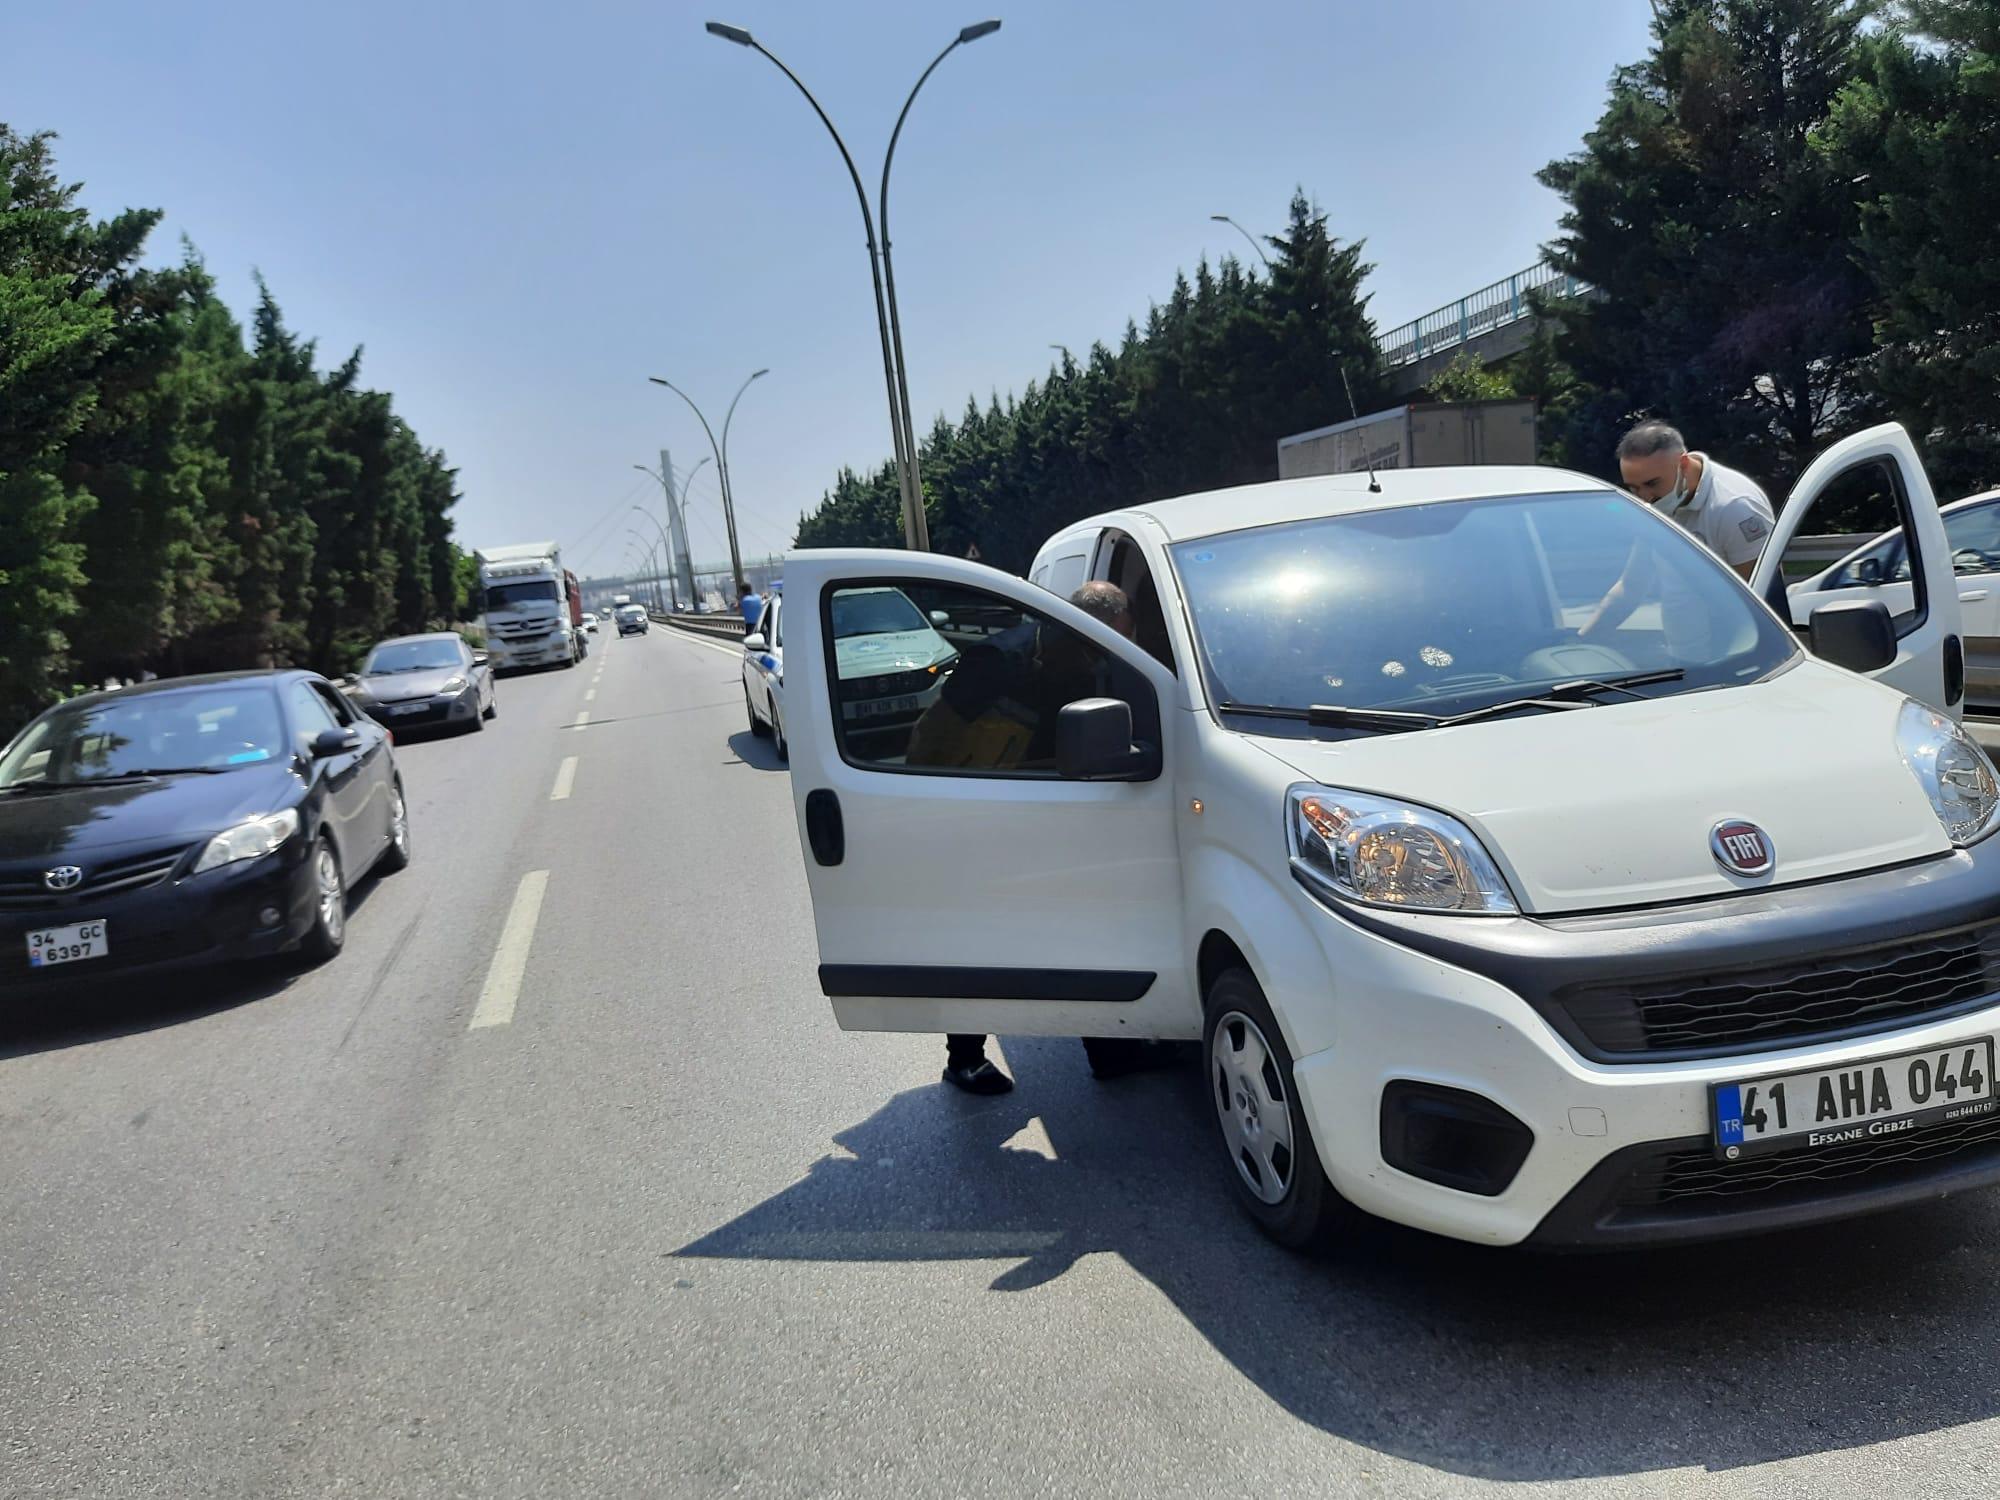 Rahatsızlanan Sürücüye İlk Müdahaleyi Büyükşehir Zabıta Yaptı